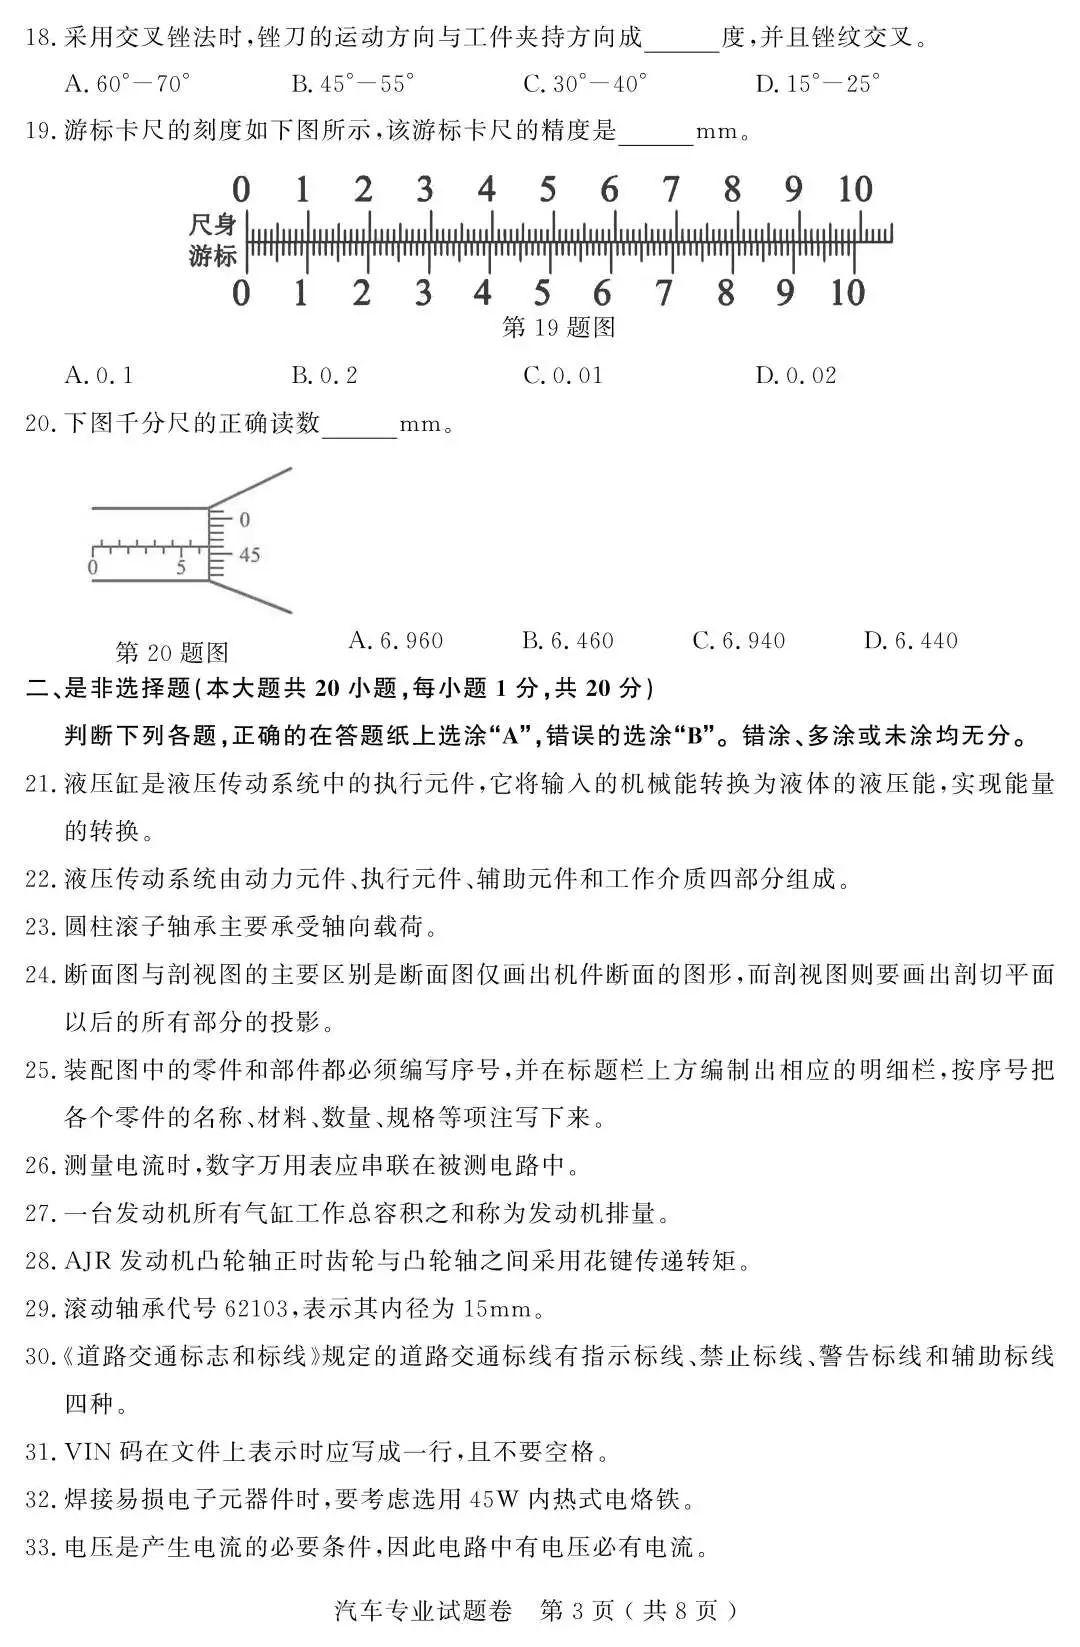 2018浙江高校招生职业技能理论考试其他类(汽车专业)试题及参考答案公布